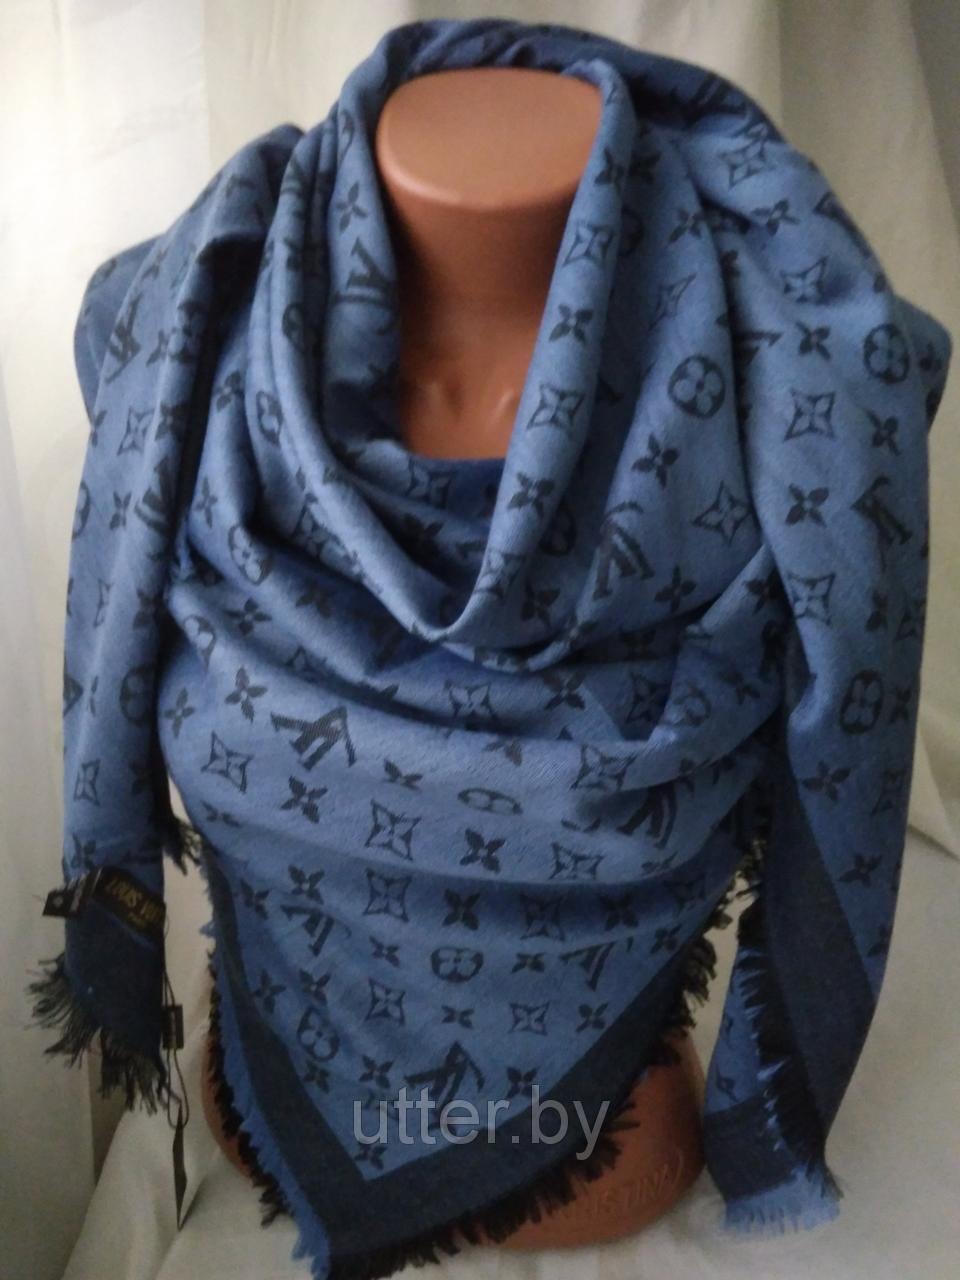 Платки в стиле Луи Виттон в Южноуральске. Шарфы и платки Луи Витон в  интернет магазине 794f6ed9128